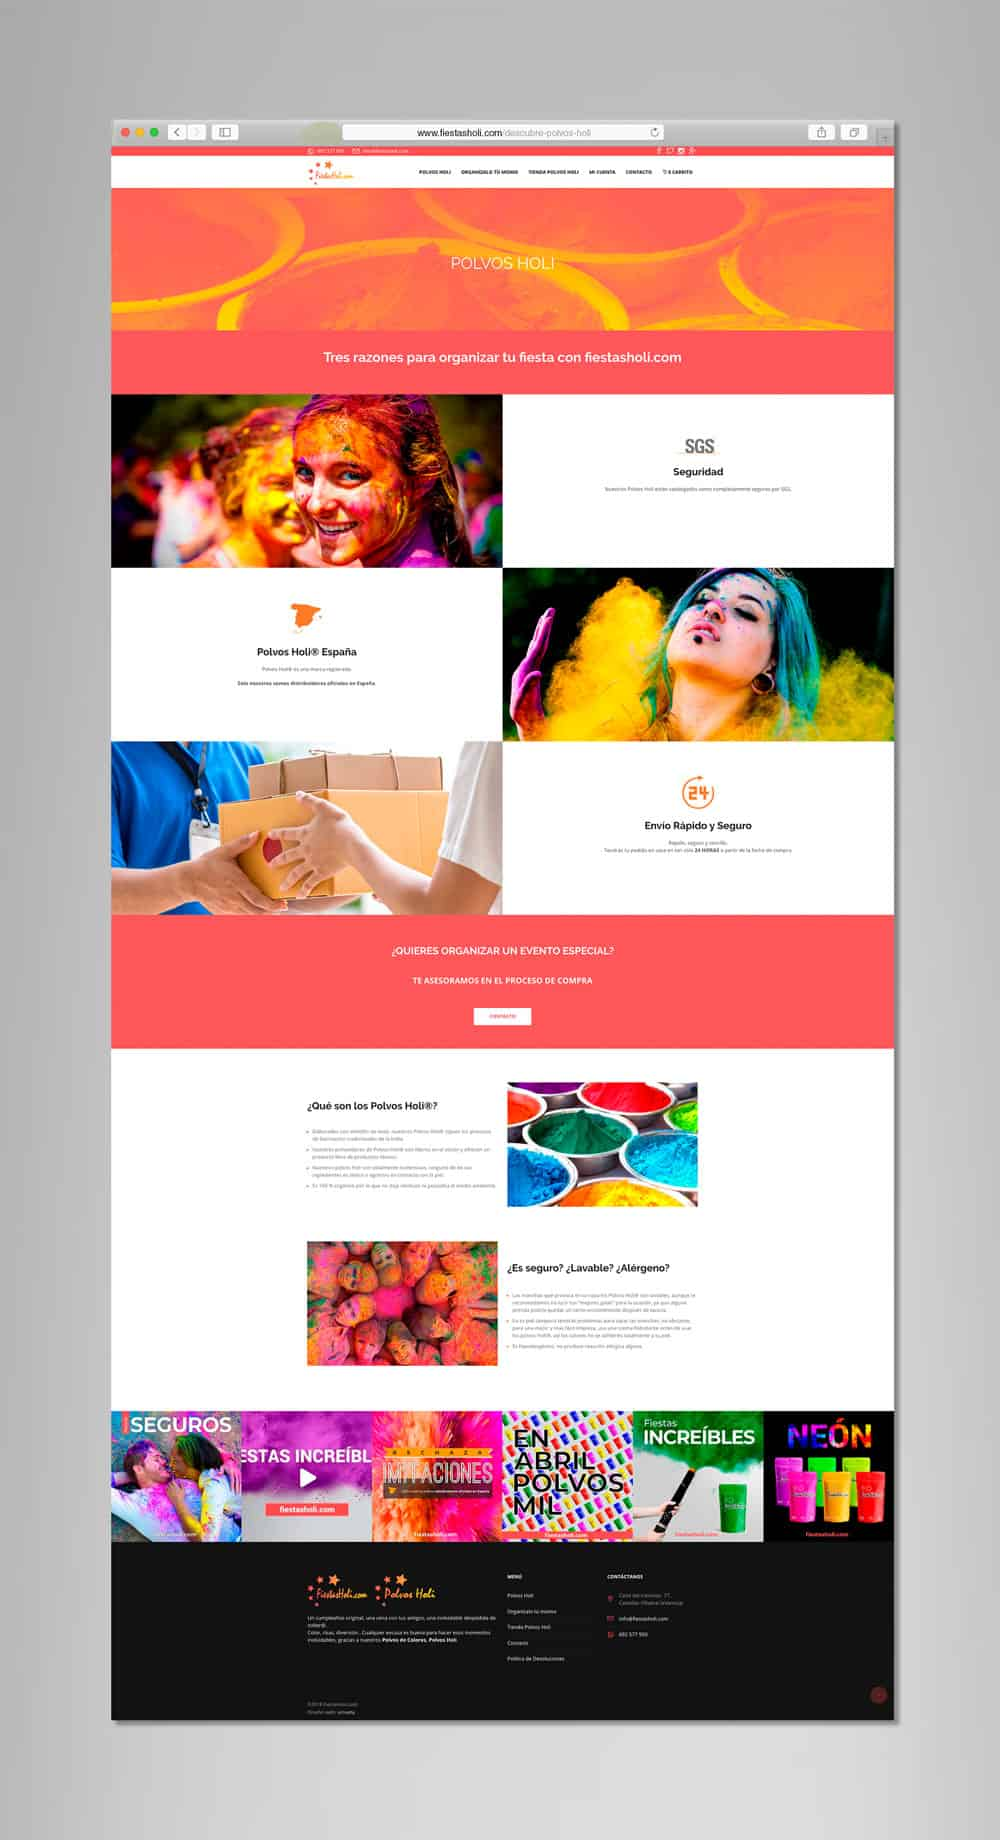 Fiestas Holi - Vista desktop - Polvos Holi